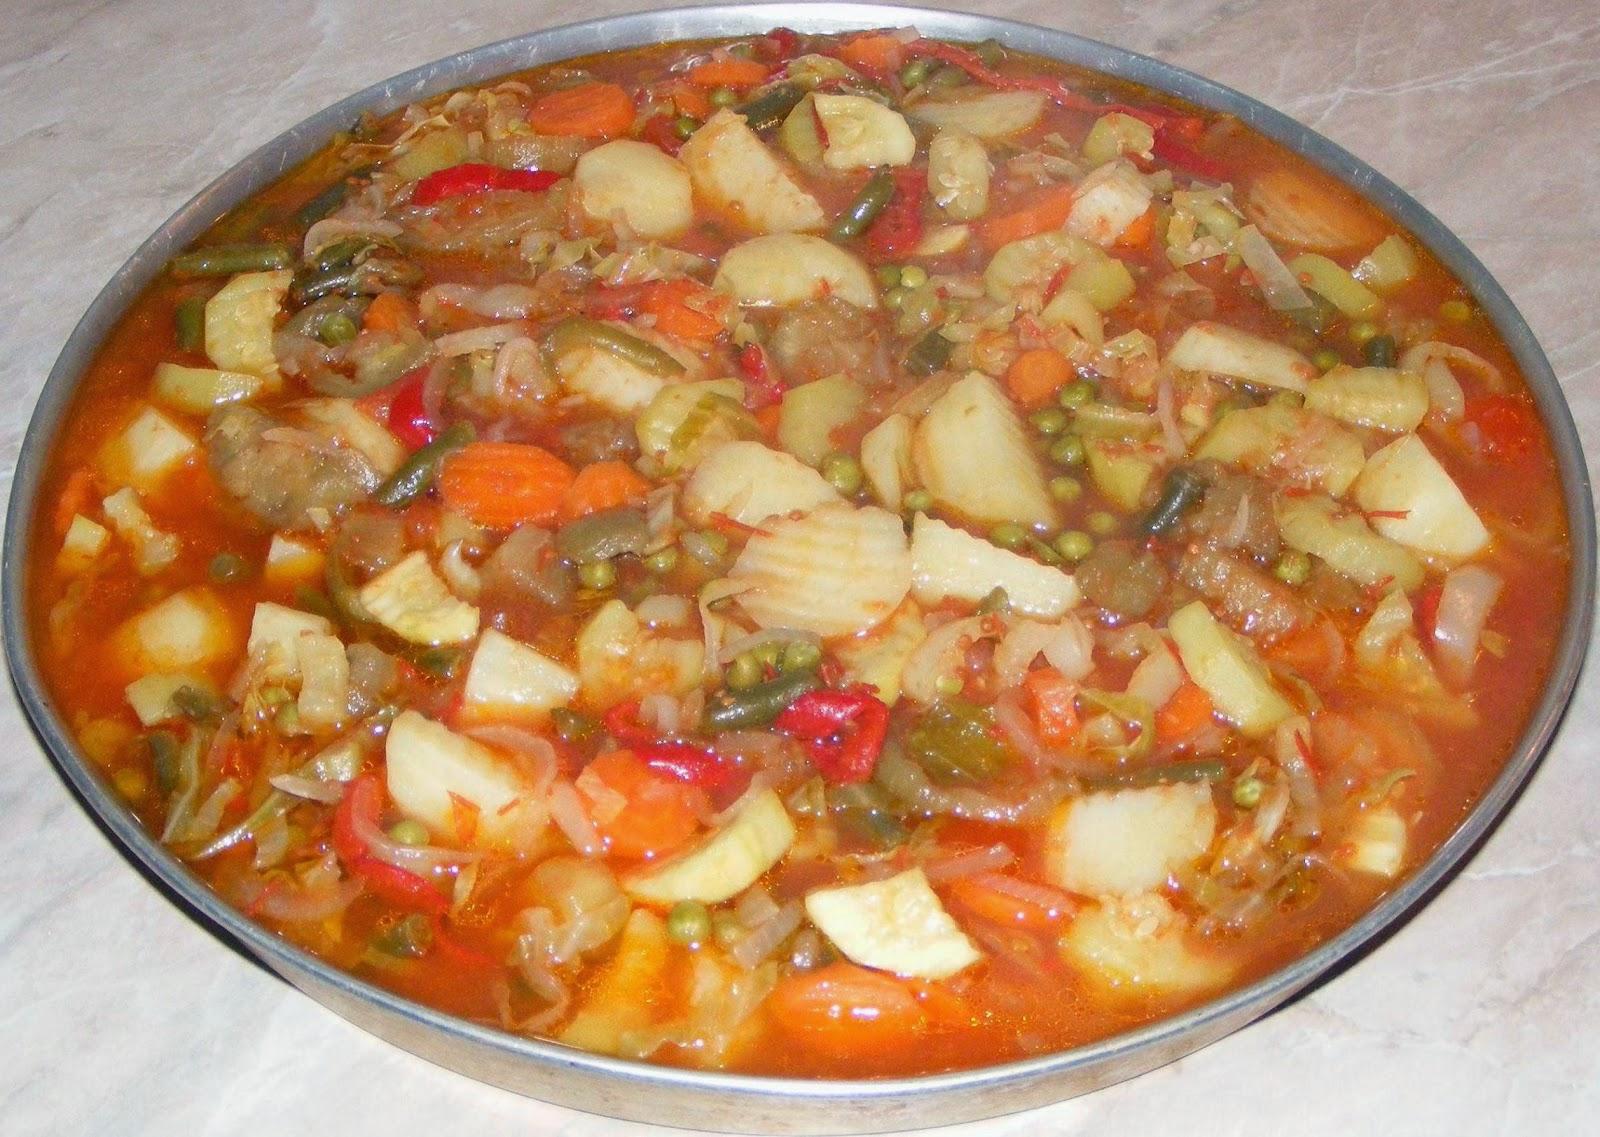 ghiveci, ghiveci de legume, ghiveci de post, ghiveci la cuptor, retete de post, retete culinare, retete de mancare, preparate culinare, mancaruri de post, legume la cuptor, ghiveci calugaresc, mancare ghiveci, ghiveci de legume si masline,